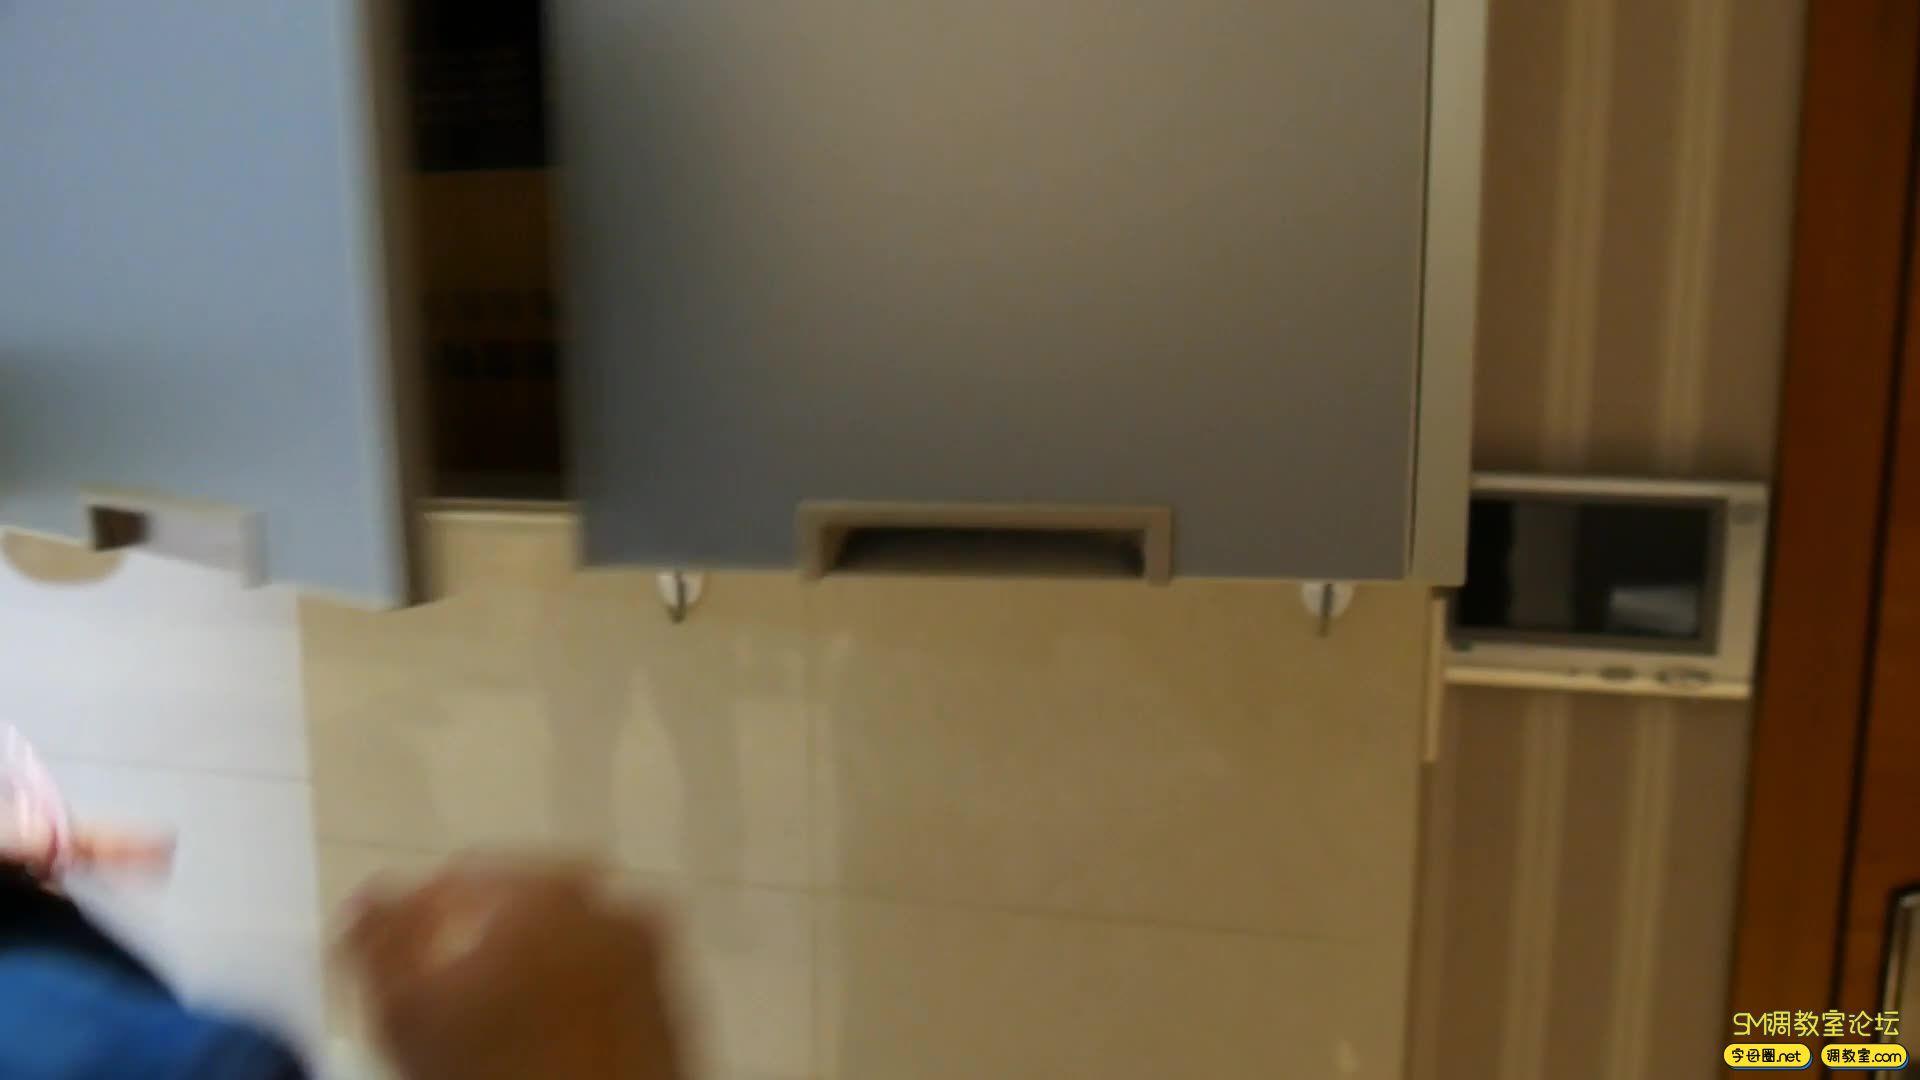 猎美视觉 萝莉的遭遇01 捕获双马尾萝莉女孩-视频截图6